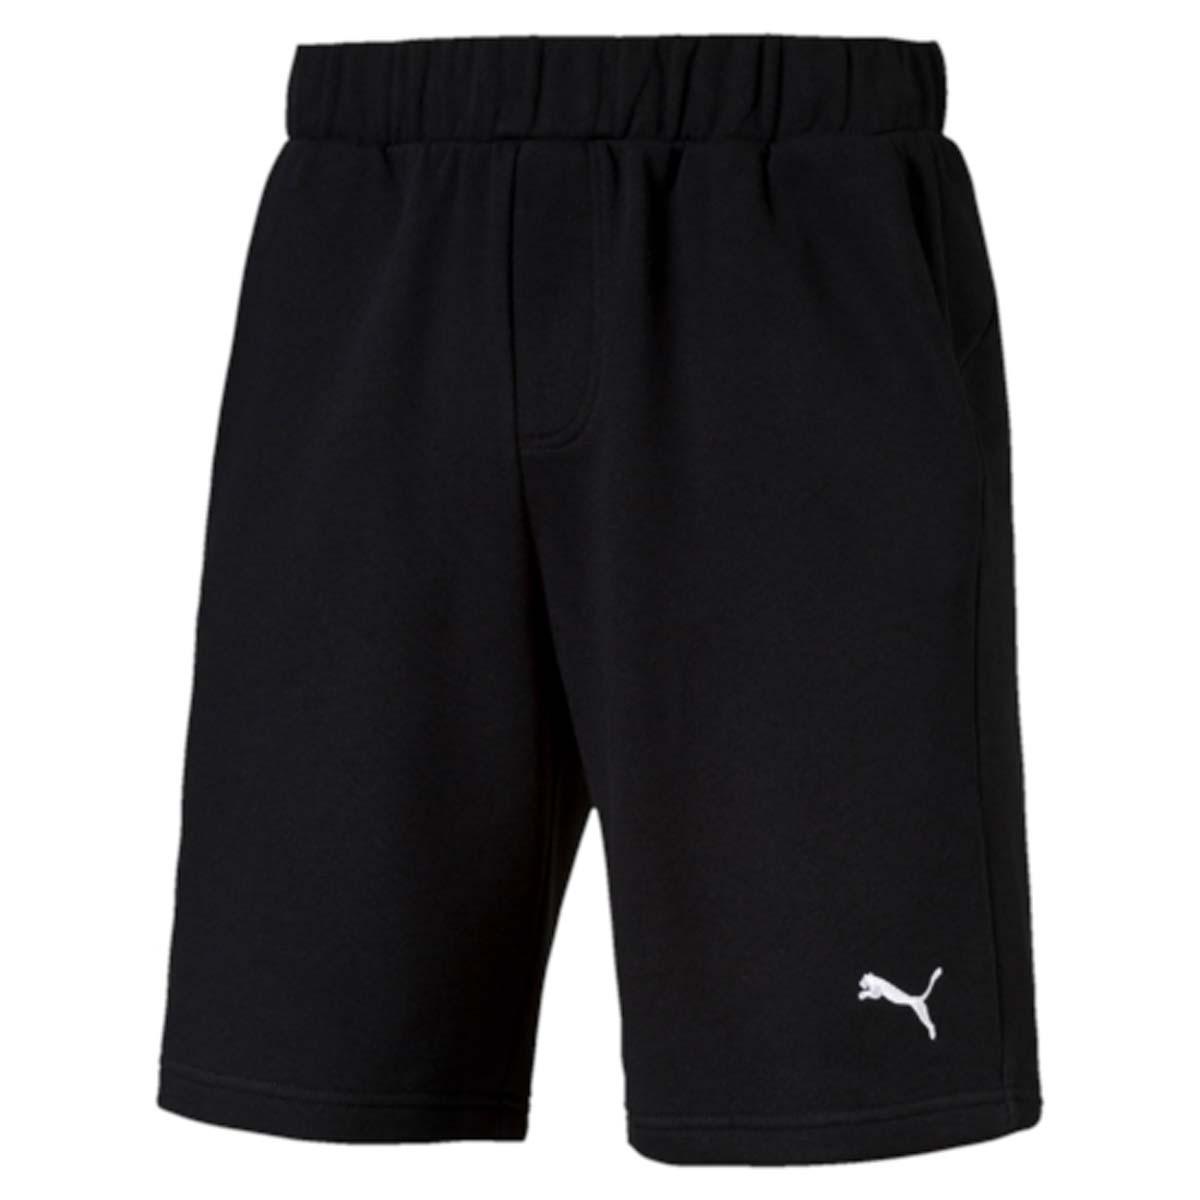 Шорты мужские Puma Ess Sweat Shorts 9, цвет: черный. 838260_01. Размер M (46/48)838260_01Шорты ESS Sweat Shorts 9, выполненные из хлопка и полиэстера, прекрасно подойдут для ежедневного использования, а также для тренировок. Шорты декорированы вышитым логотипом PUMA. Среди других отличительных особенностей изделия - пояс из его основного материала с продернутым затягивающимся шнуром, карманы в швах, а также нашитая сверху задняя кокетка для лучшей посадки по фигуре.